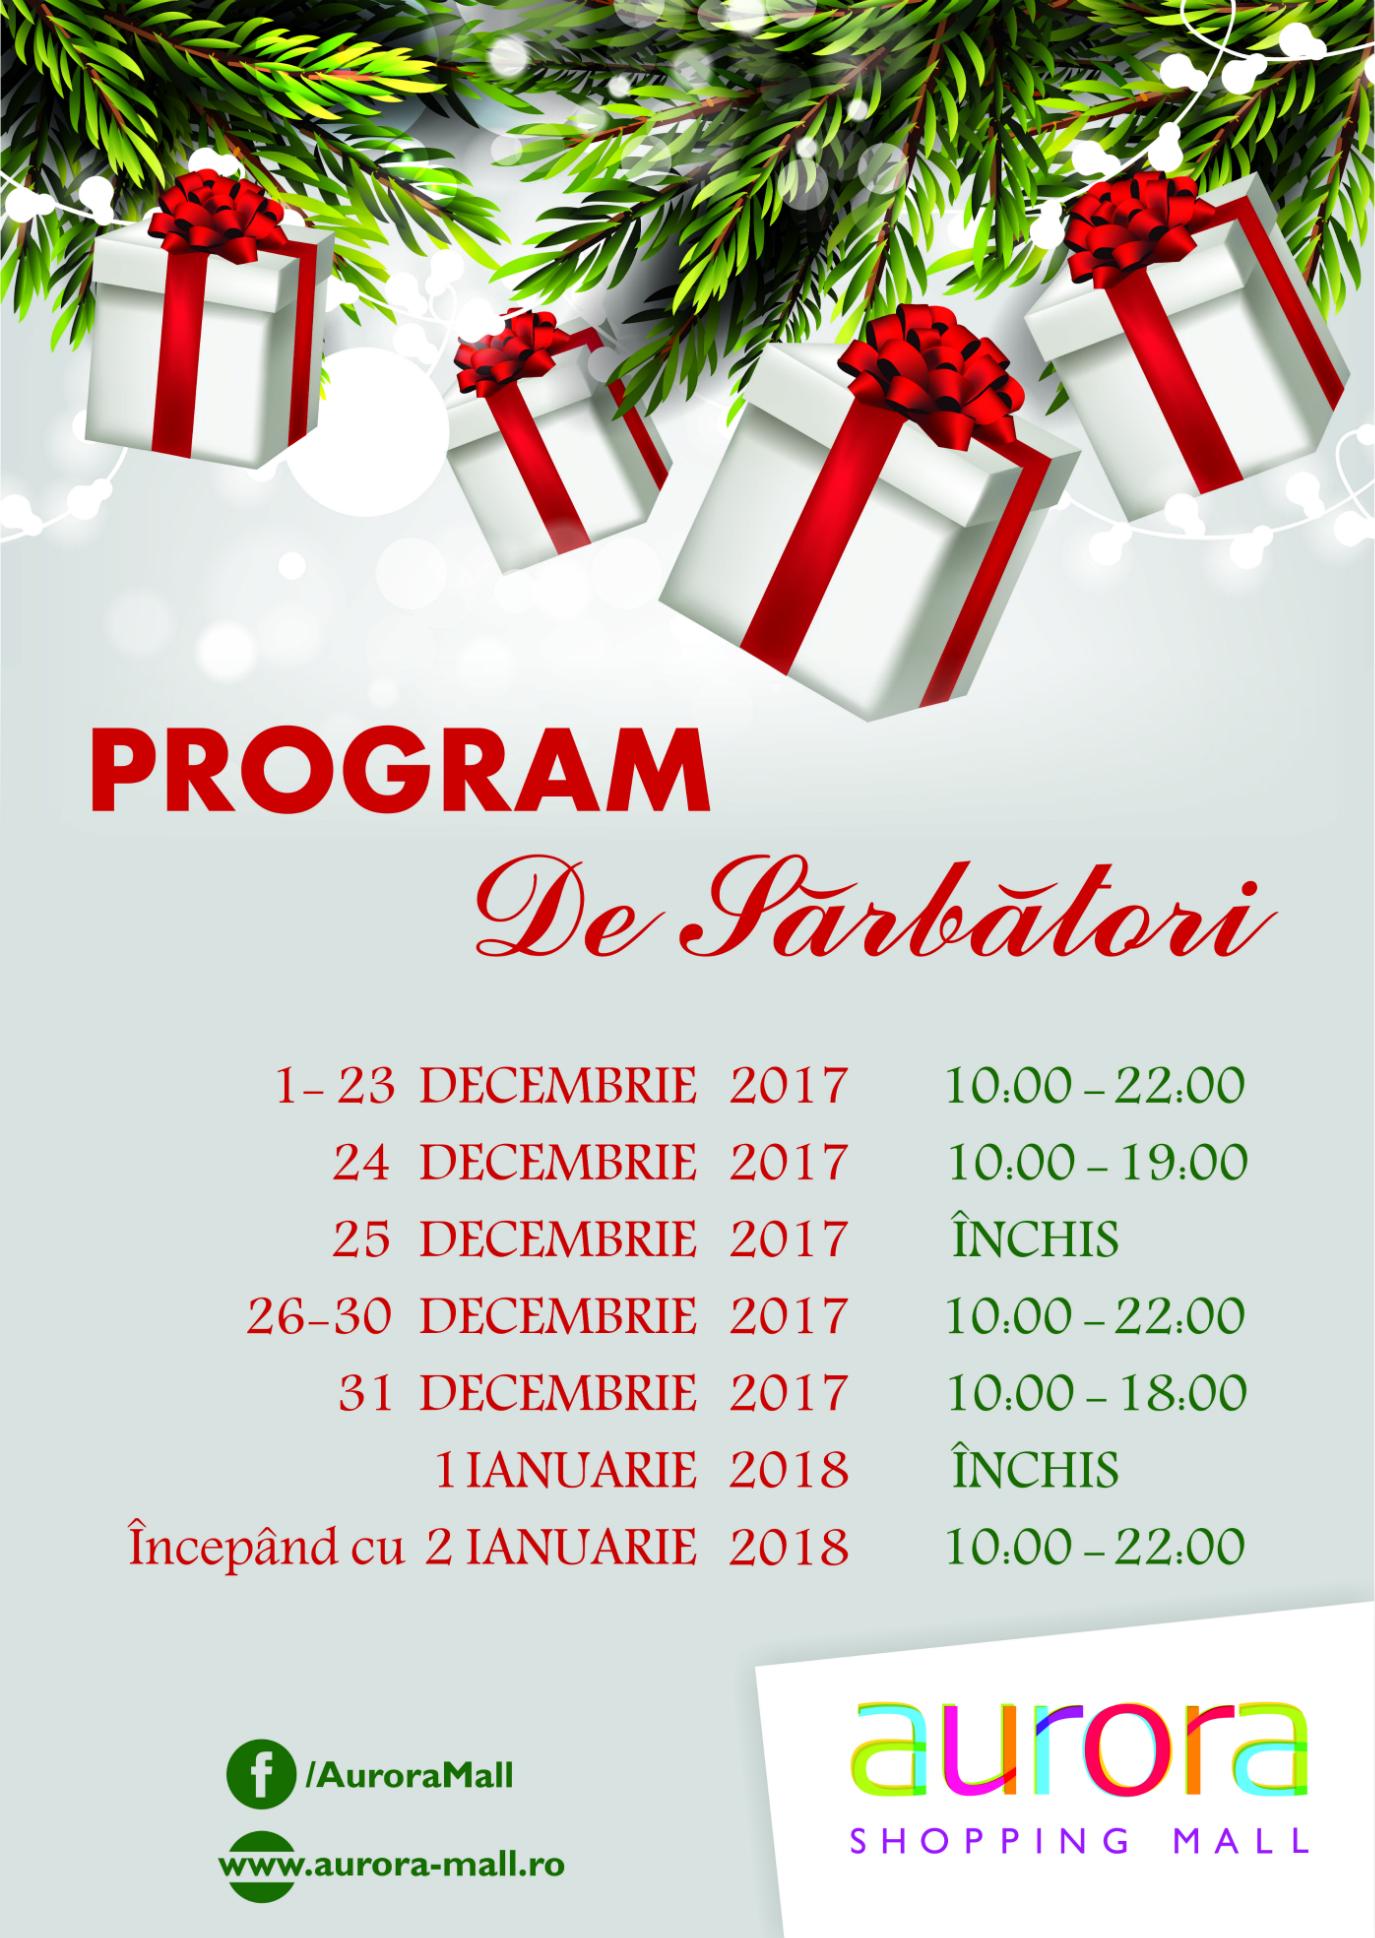 înainte de programul de lucru 24 decembrie